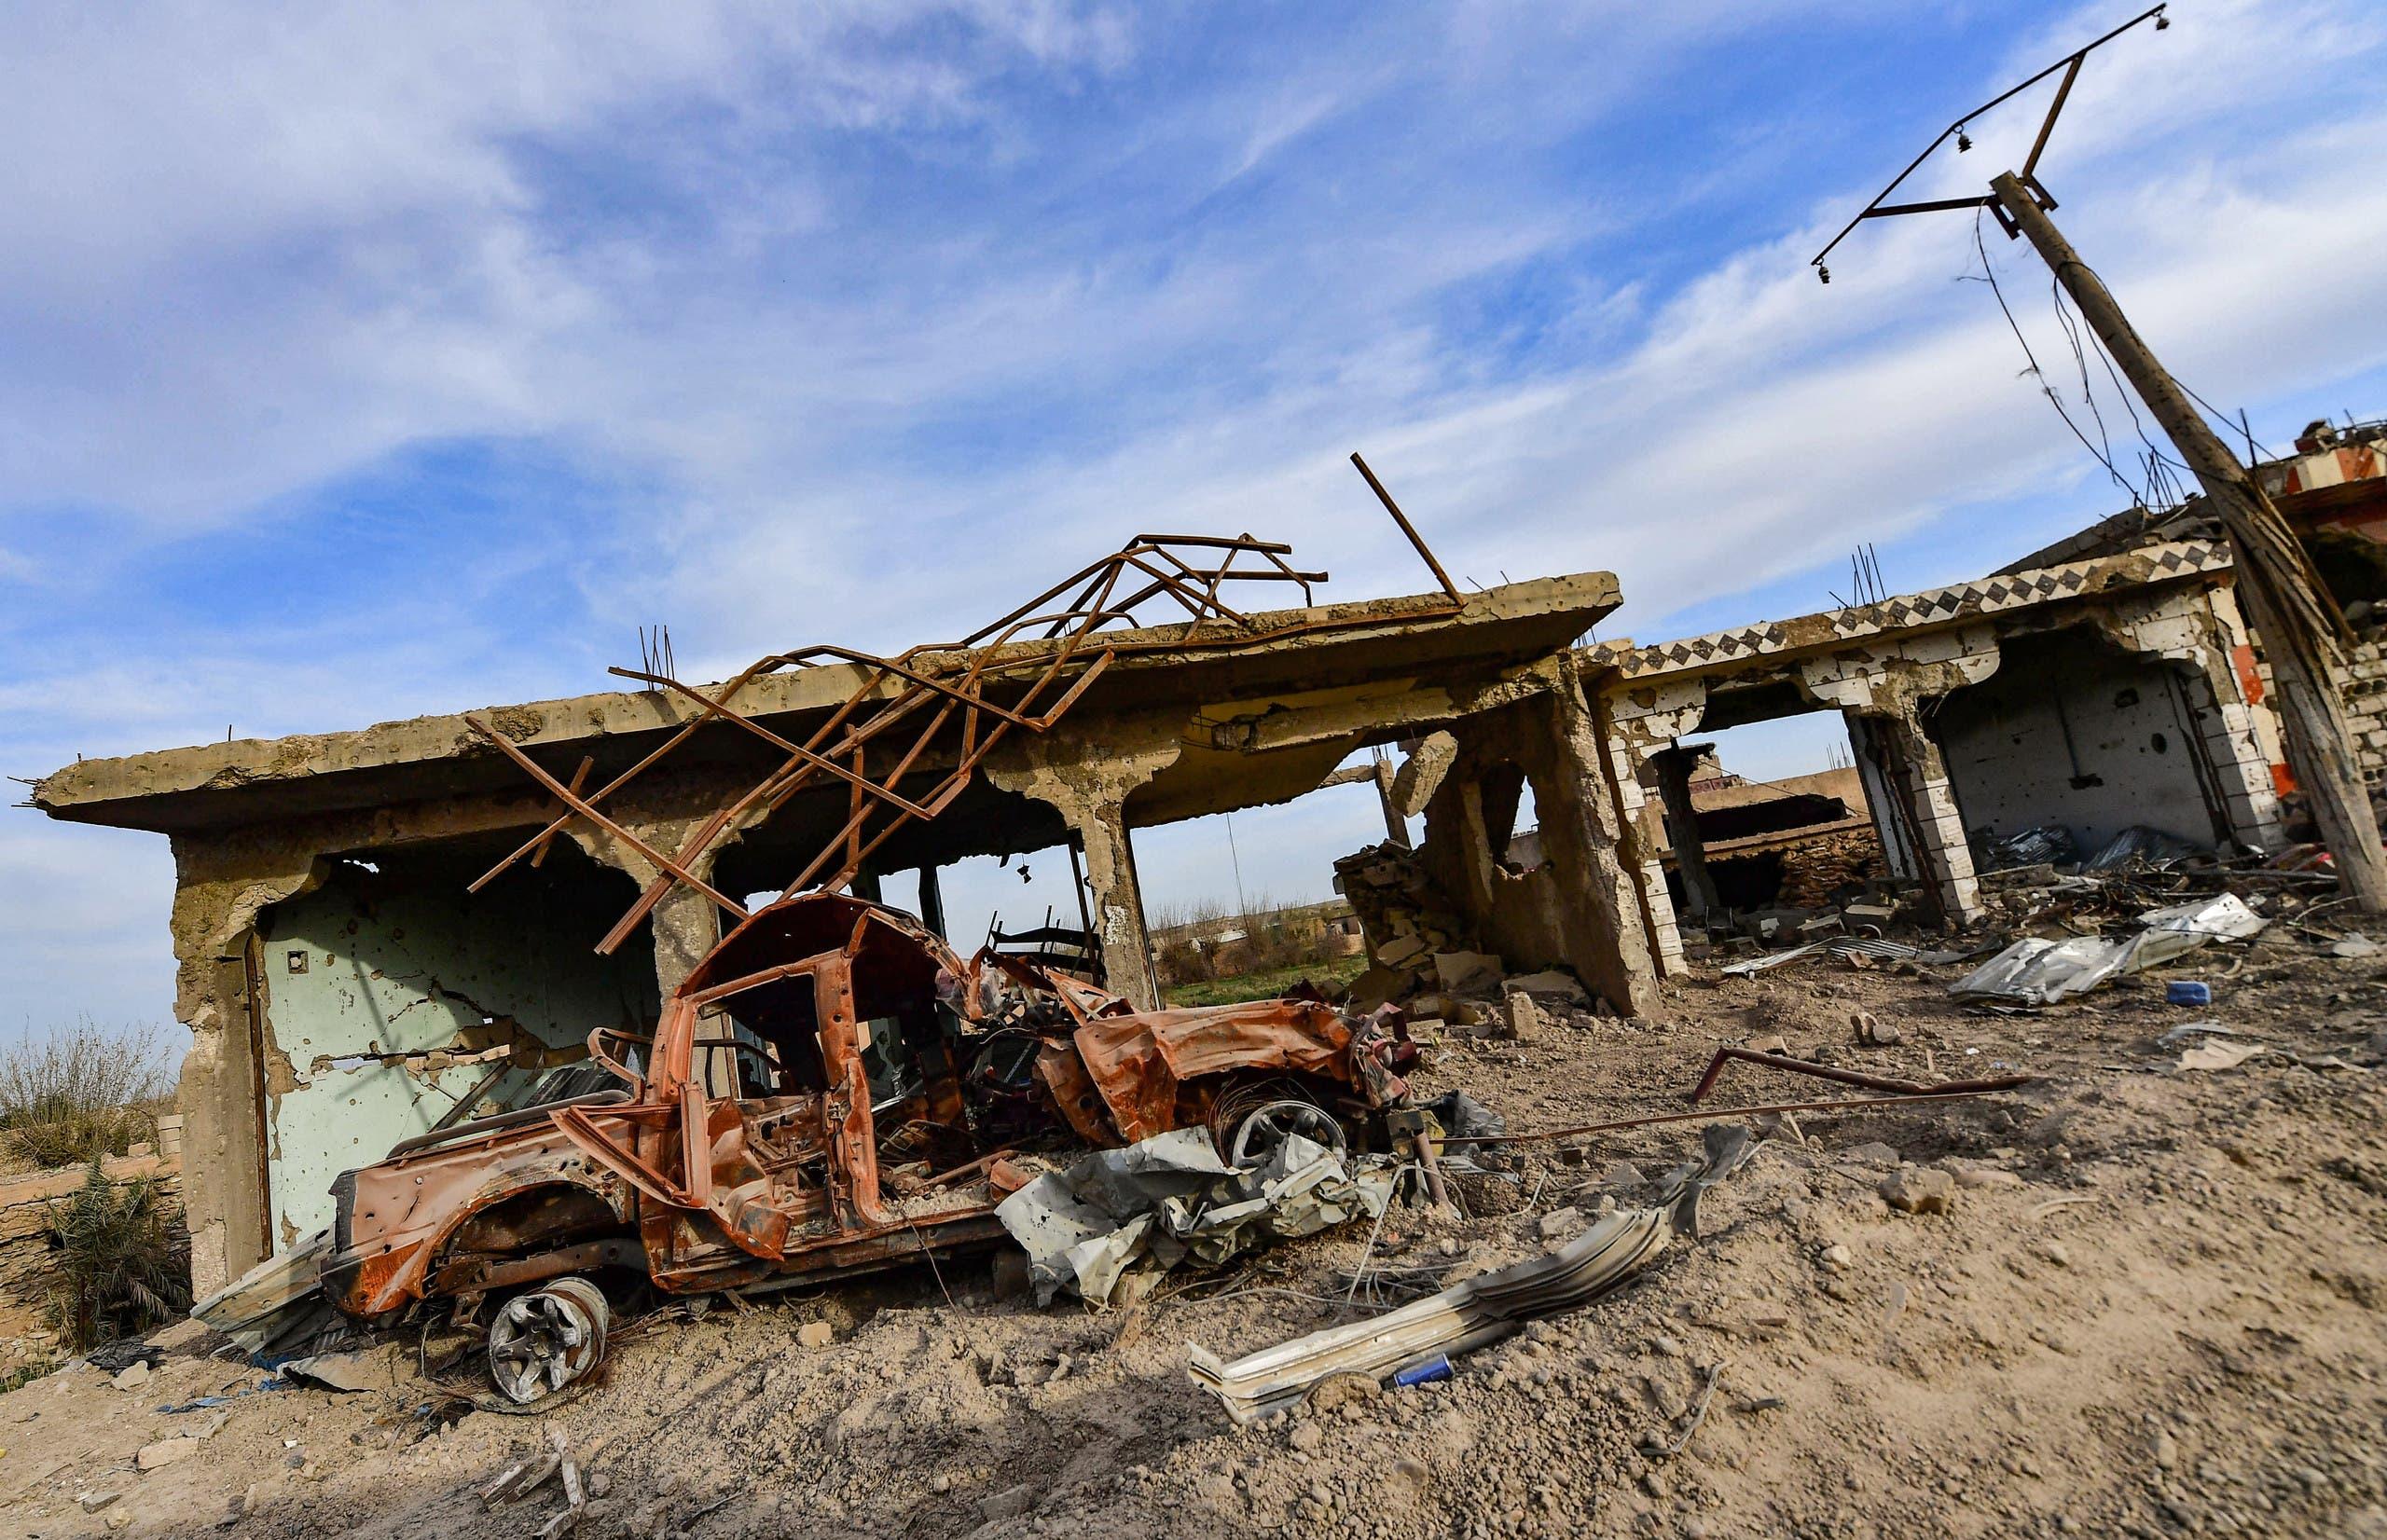 دیر الزور میں تباہی کے مناظر۔